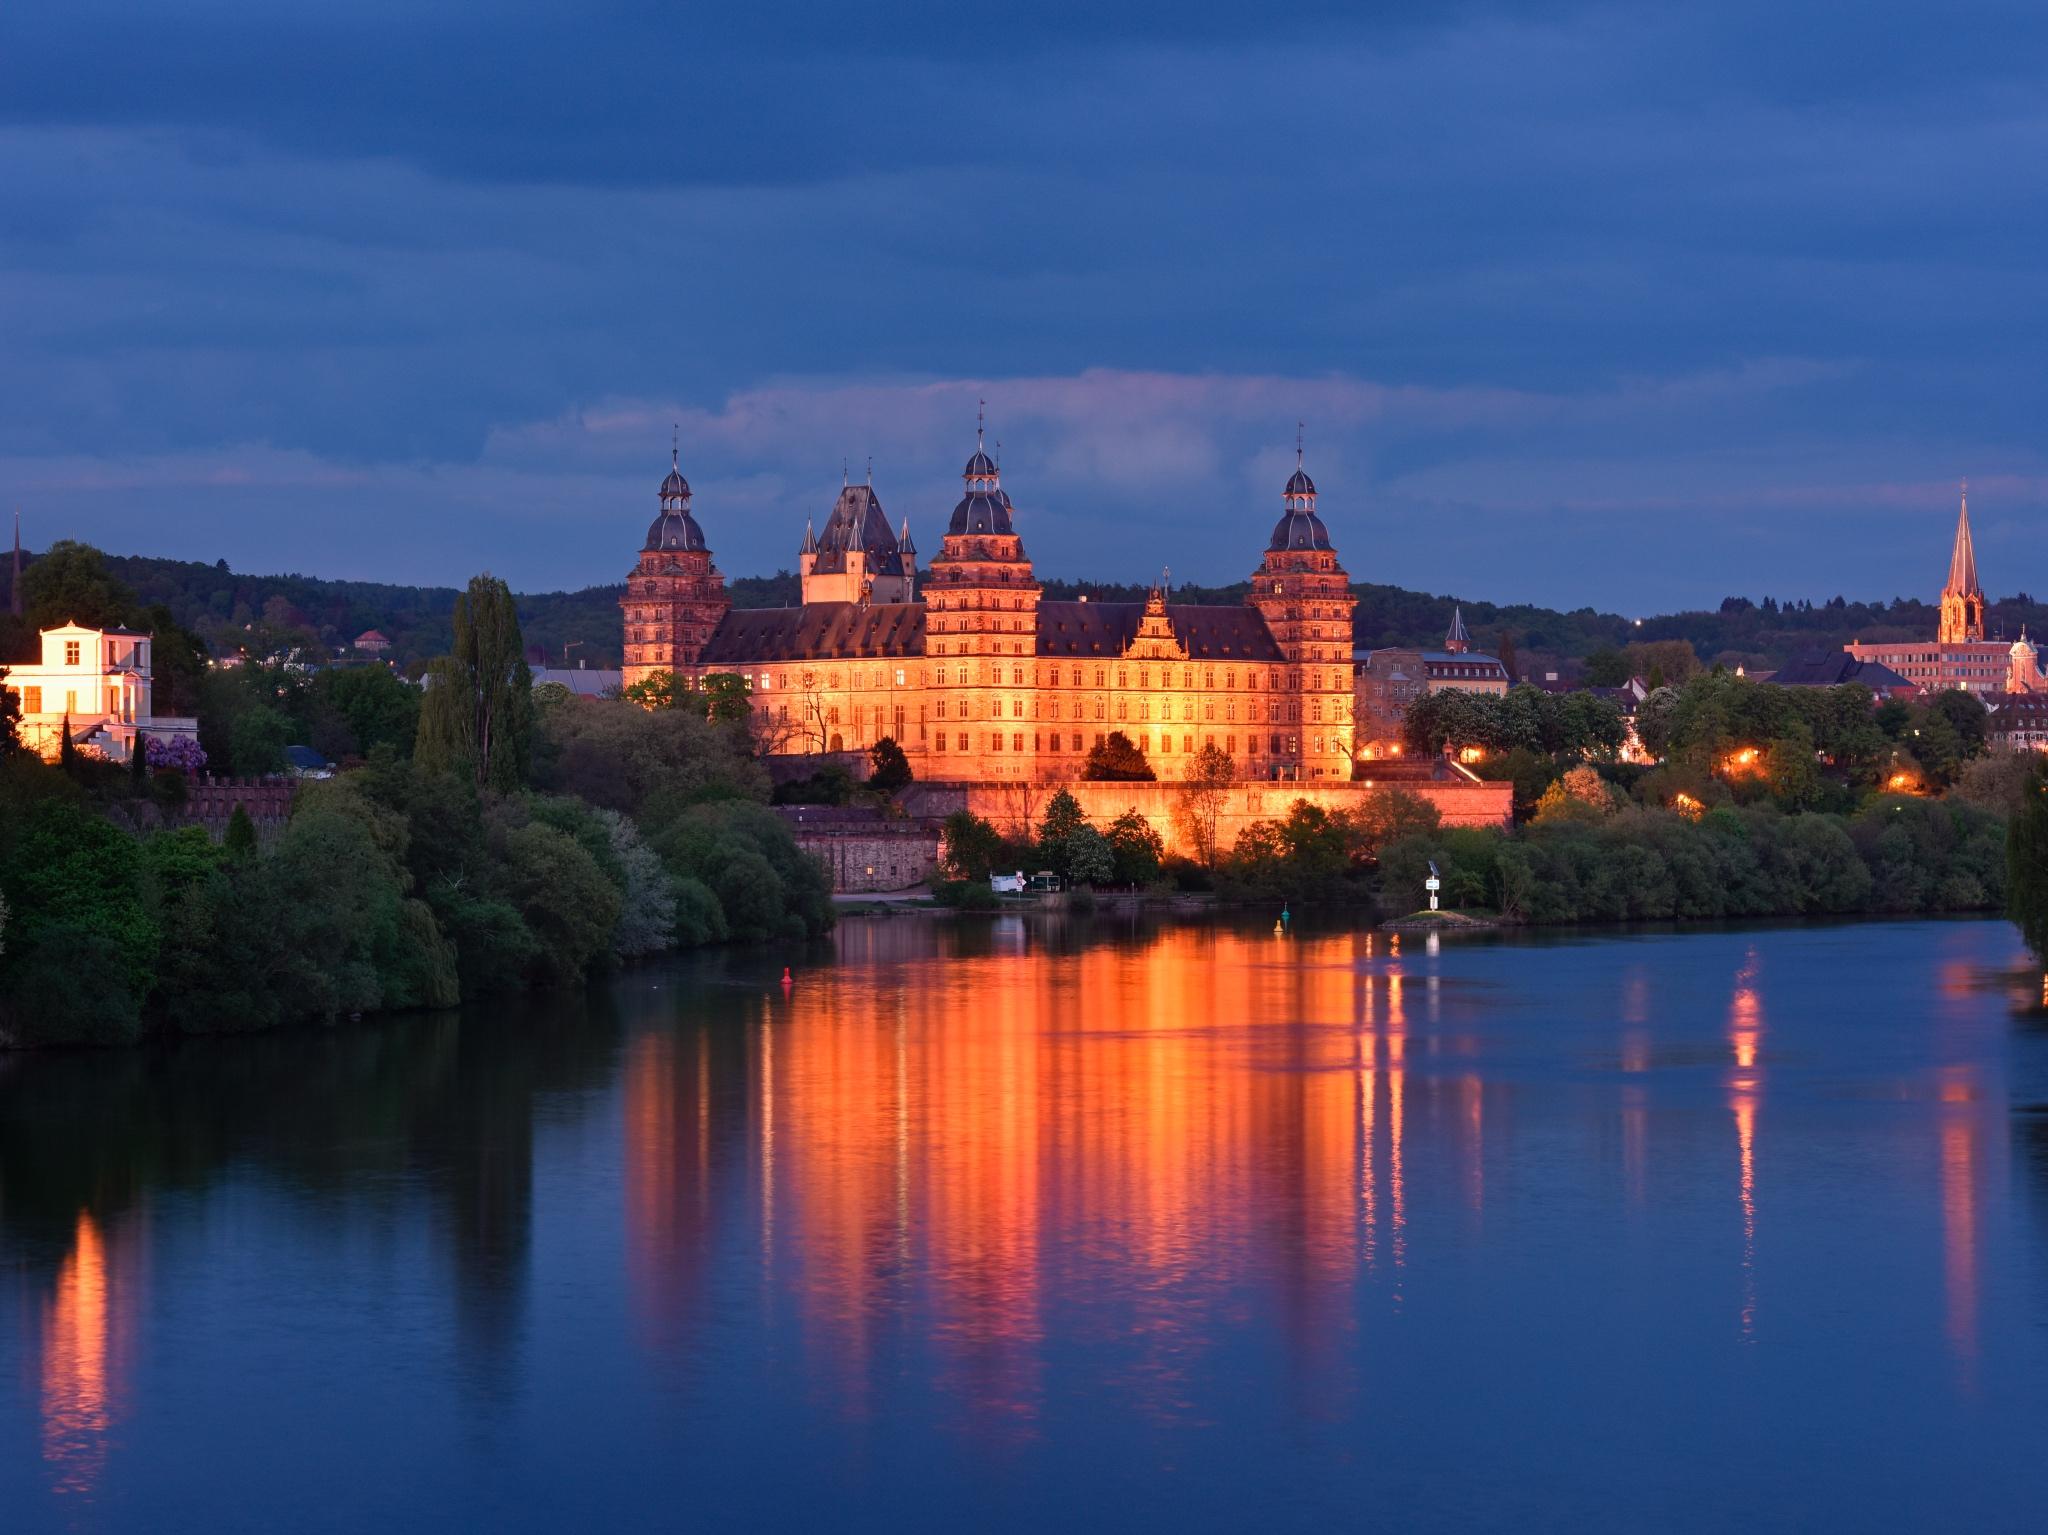 Das Schloss Johannisburg in Aschaffenburg. Foto: Florian Dümig